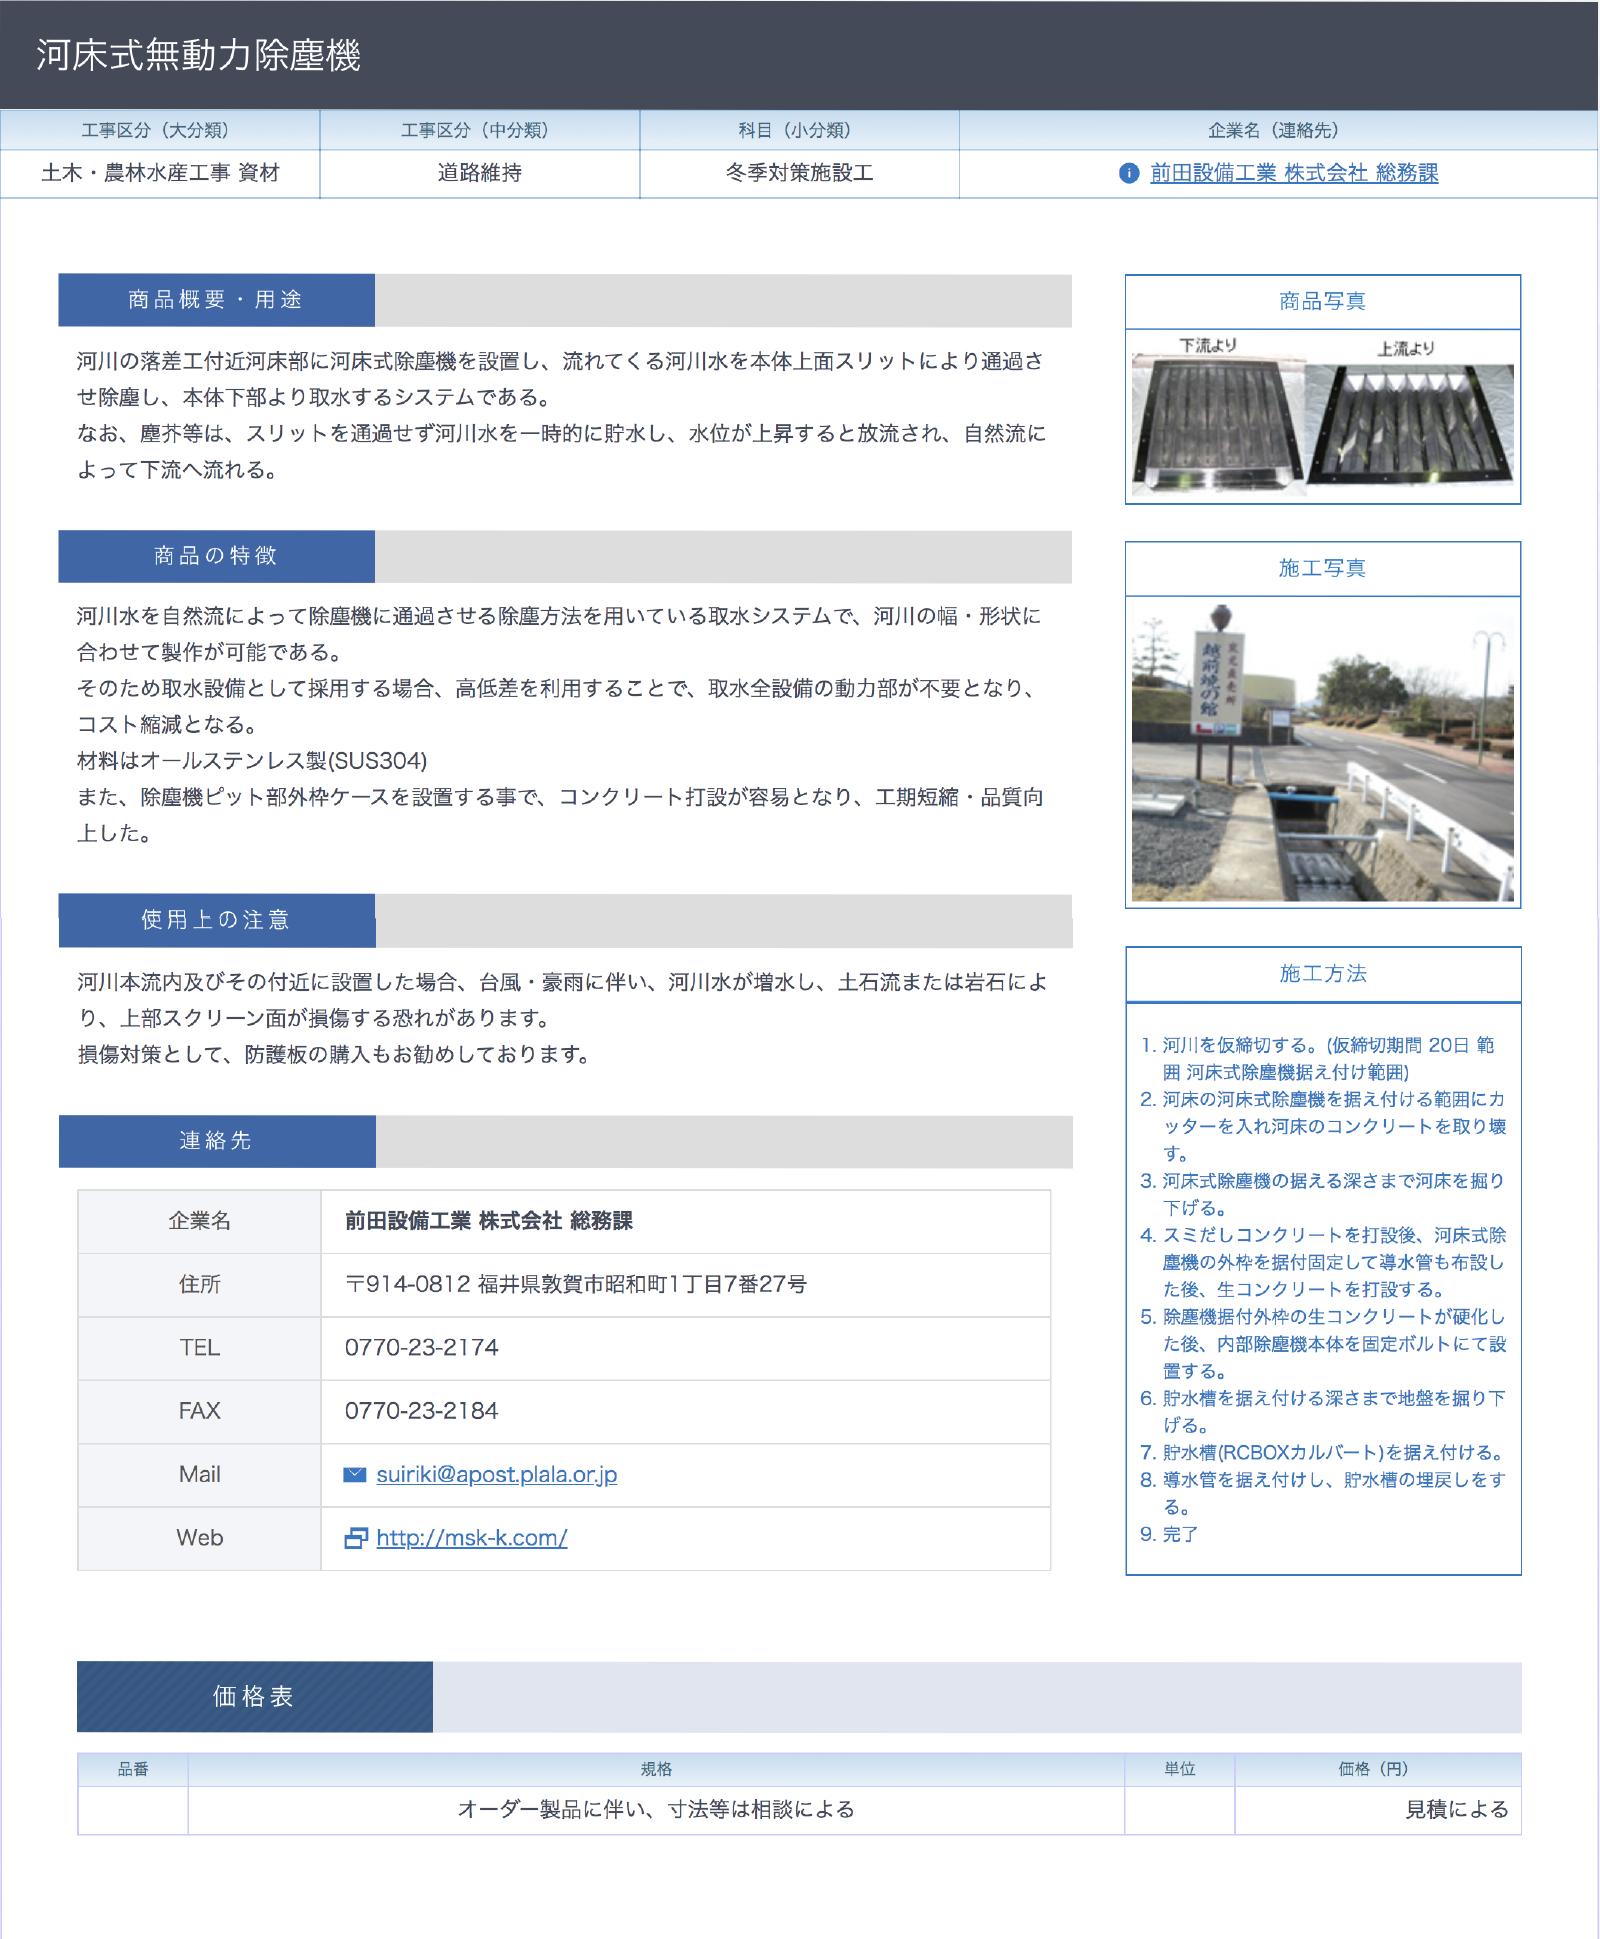 福井県県産品 登録しました